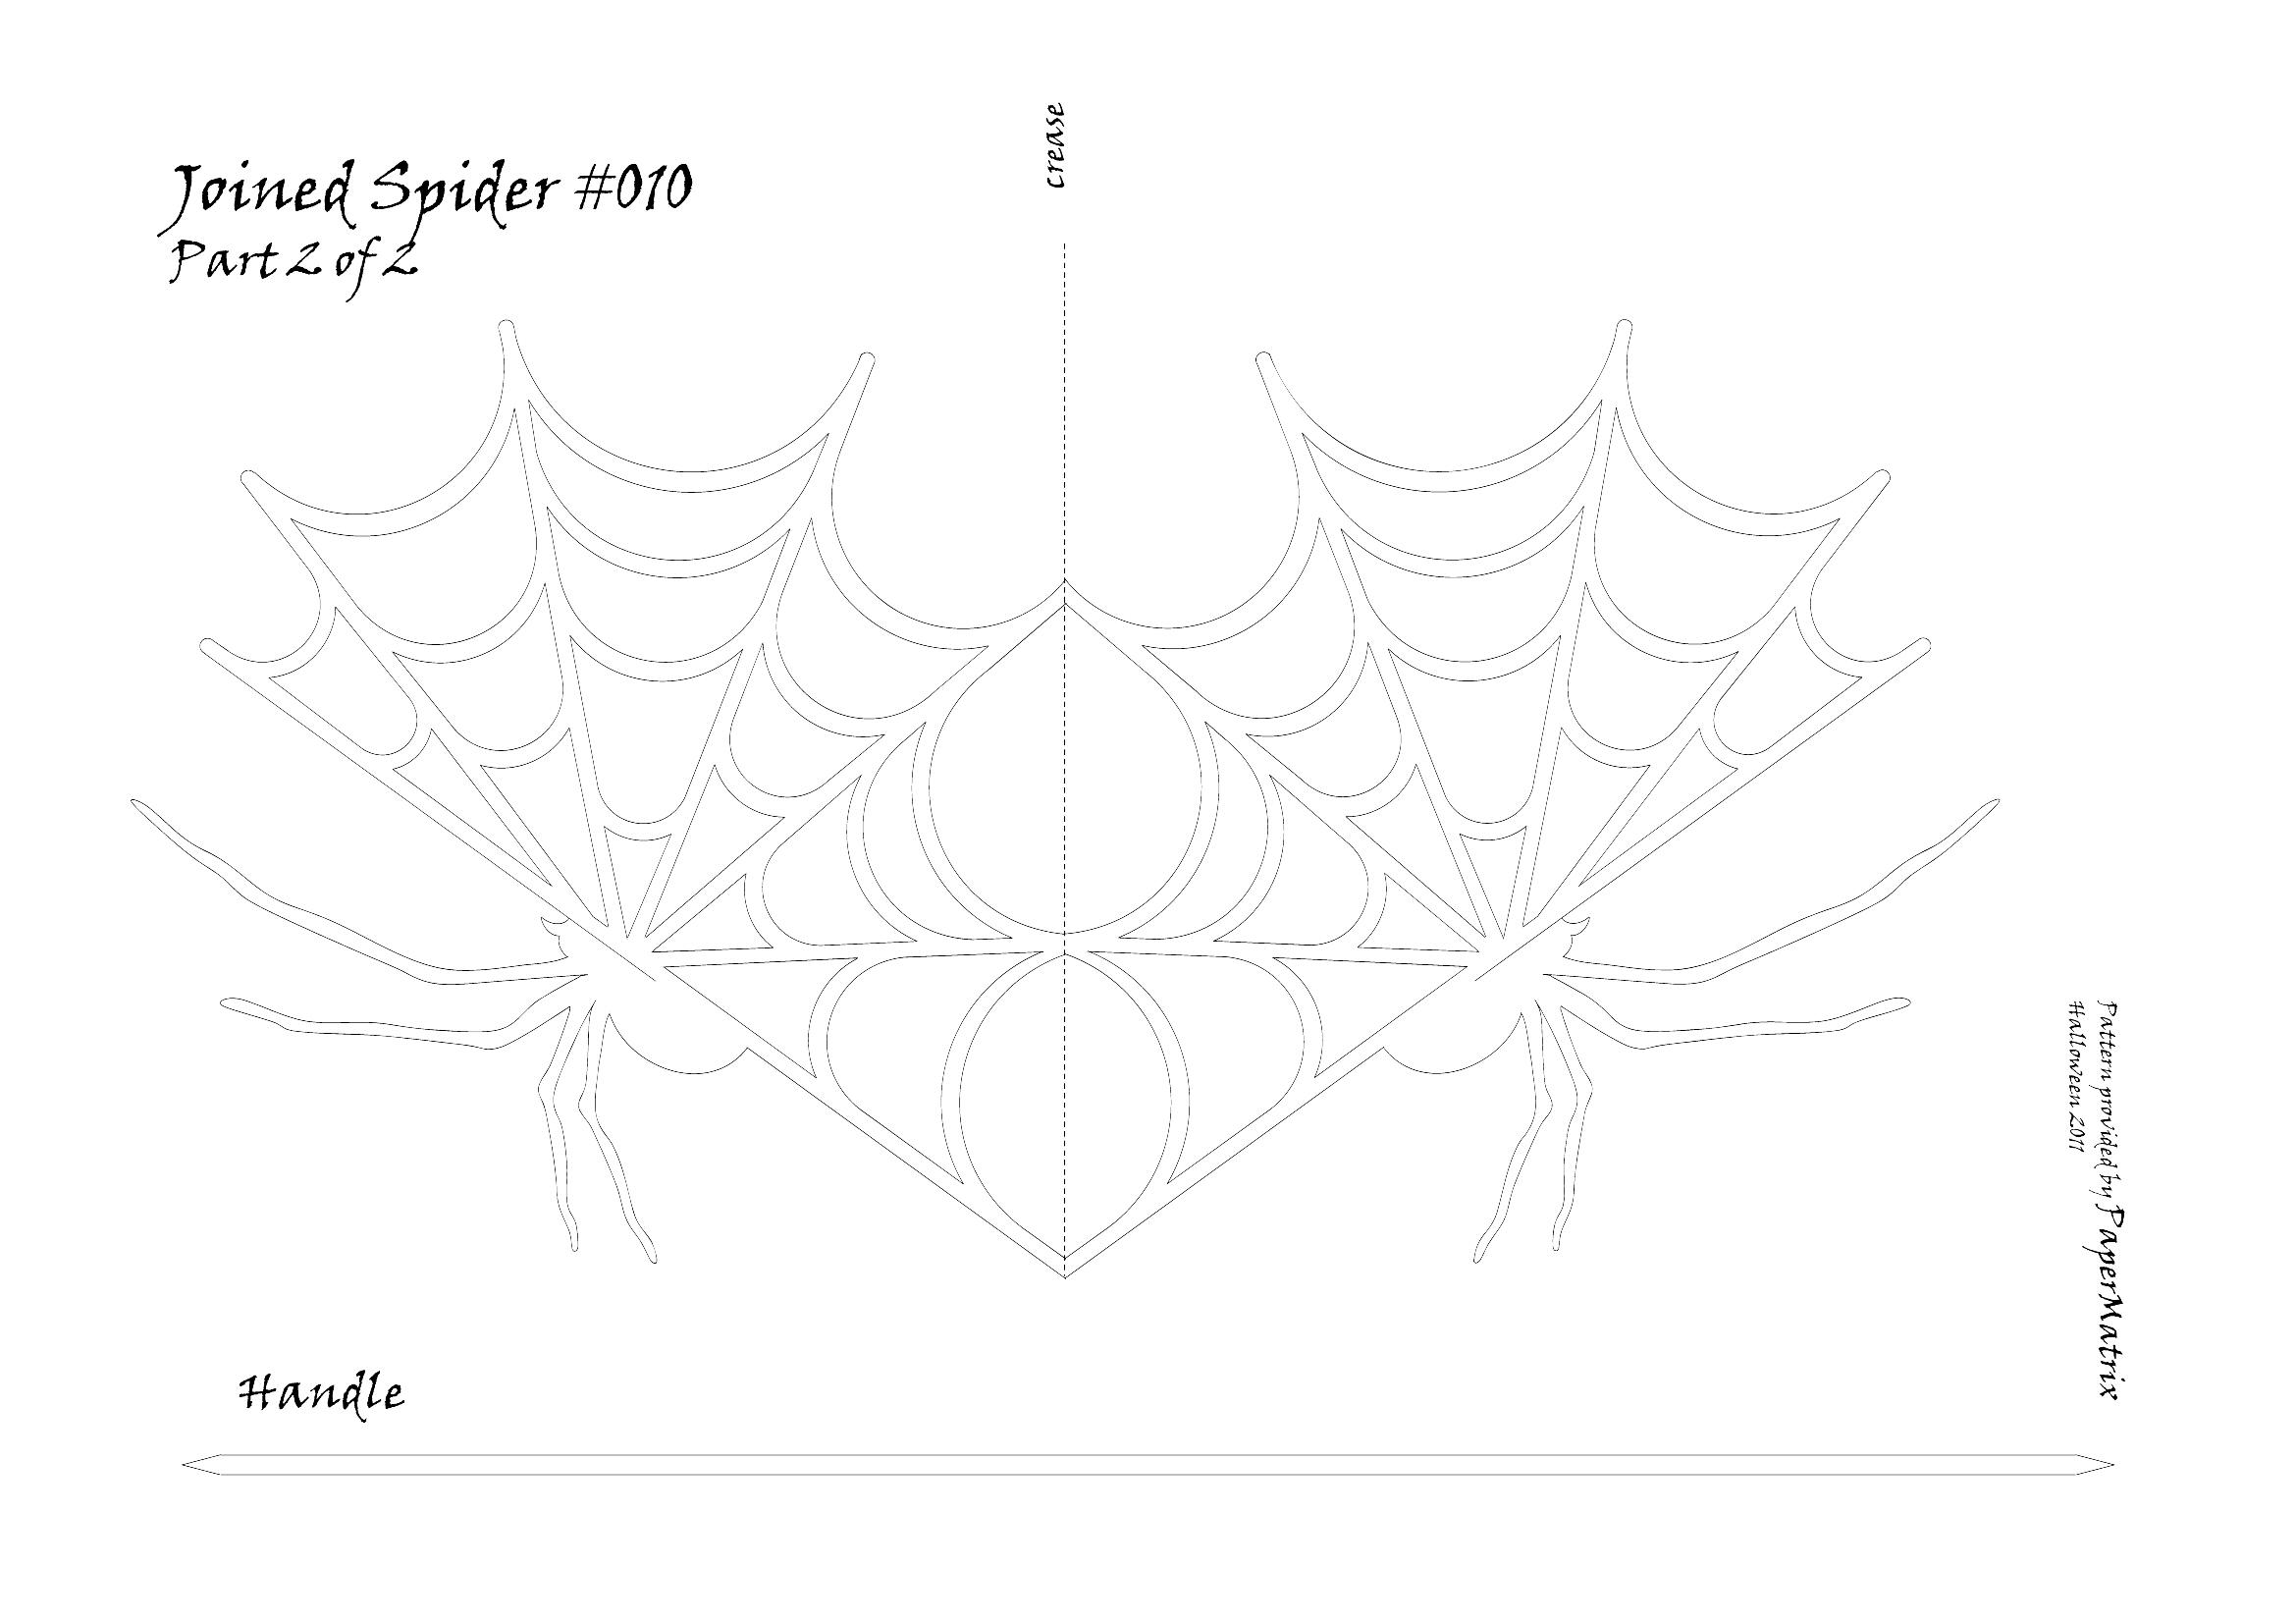 すべての折り紙 折り紙 トイレットペーパー : Spider Web Cut Out Pattern